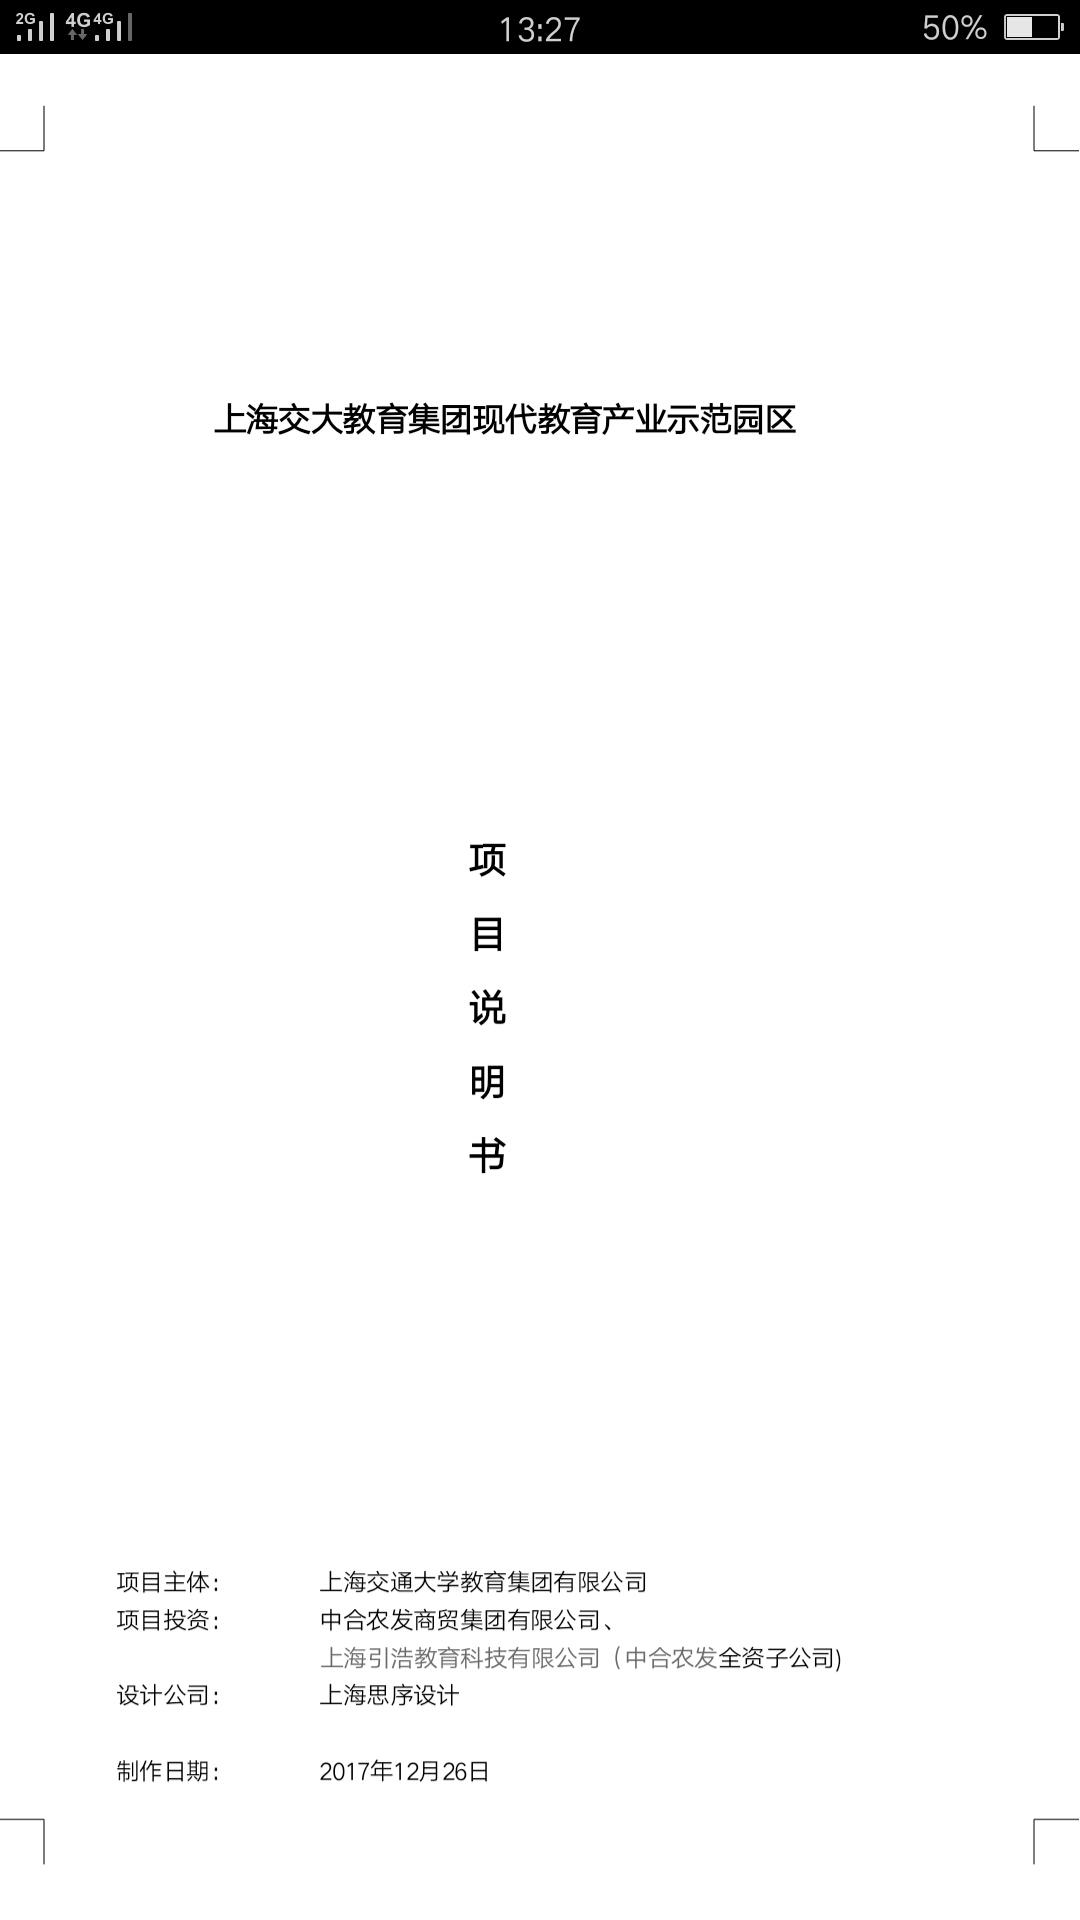 上海交大教育园区项目说明书